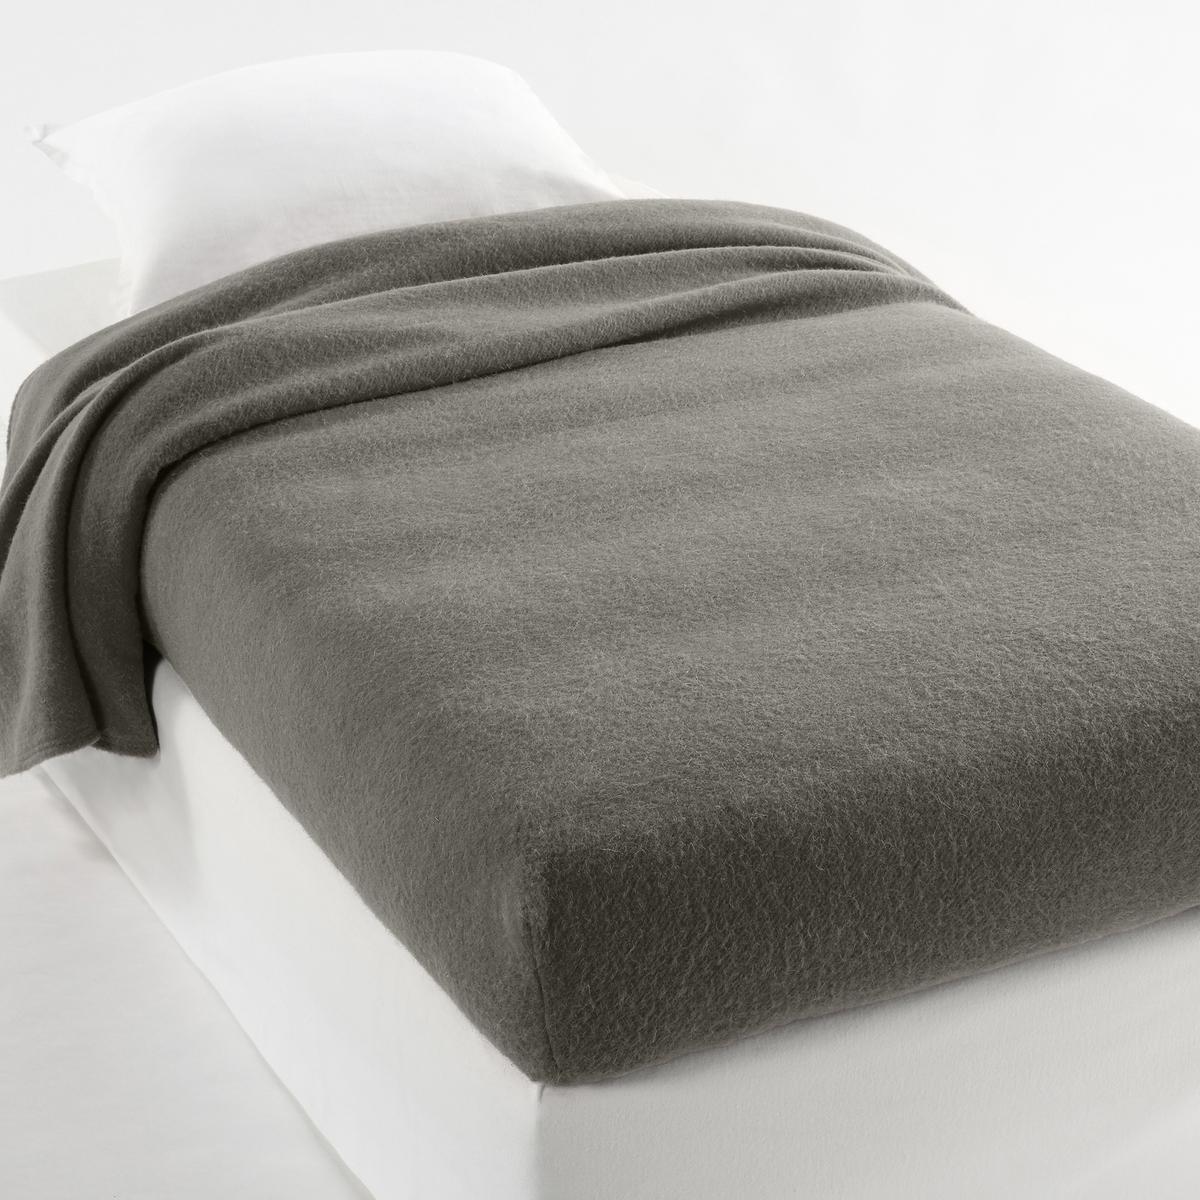 Покрывало, 350 г/м?, 100% шерсть WoolmarkХарактеристики покрывала : 100% овечьей шерсти WoolmarkОтделка широкой каймой, прошитой 4 строчками с разрывом шва на каждом углу для большей прочности.Существует в большом размере для широких или двойных кроватей.Сухая чистка. Сухая чистка..Плюсы изделия.    Плюсы изделия : углы с резинками для простоты застилания кровати.<br><br>Цвет: розовый смородина,серо-коричневый каштан,Серо-синий,серый,слоновая кость<br>Размер: 160 x 200  см